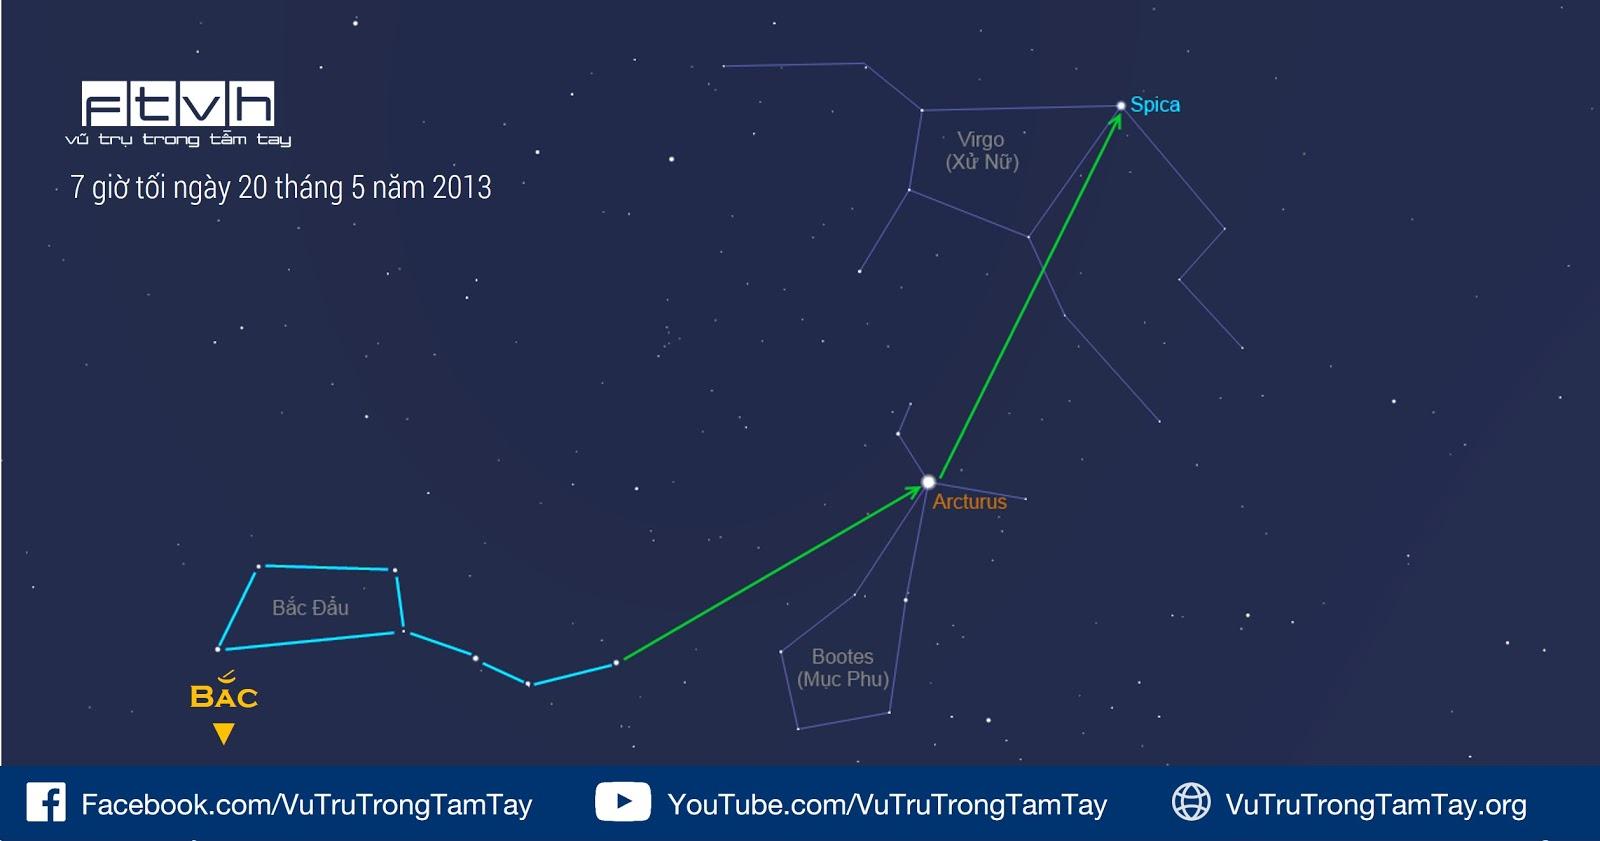 Đánh một vòng cung để tìm ra sao Arcturus và sao Spica.